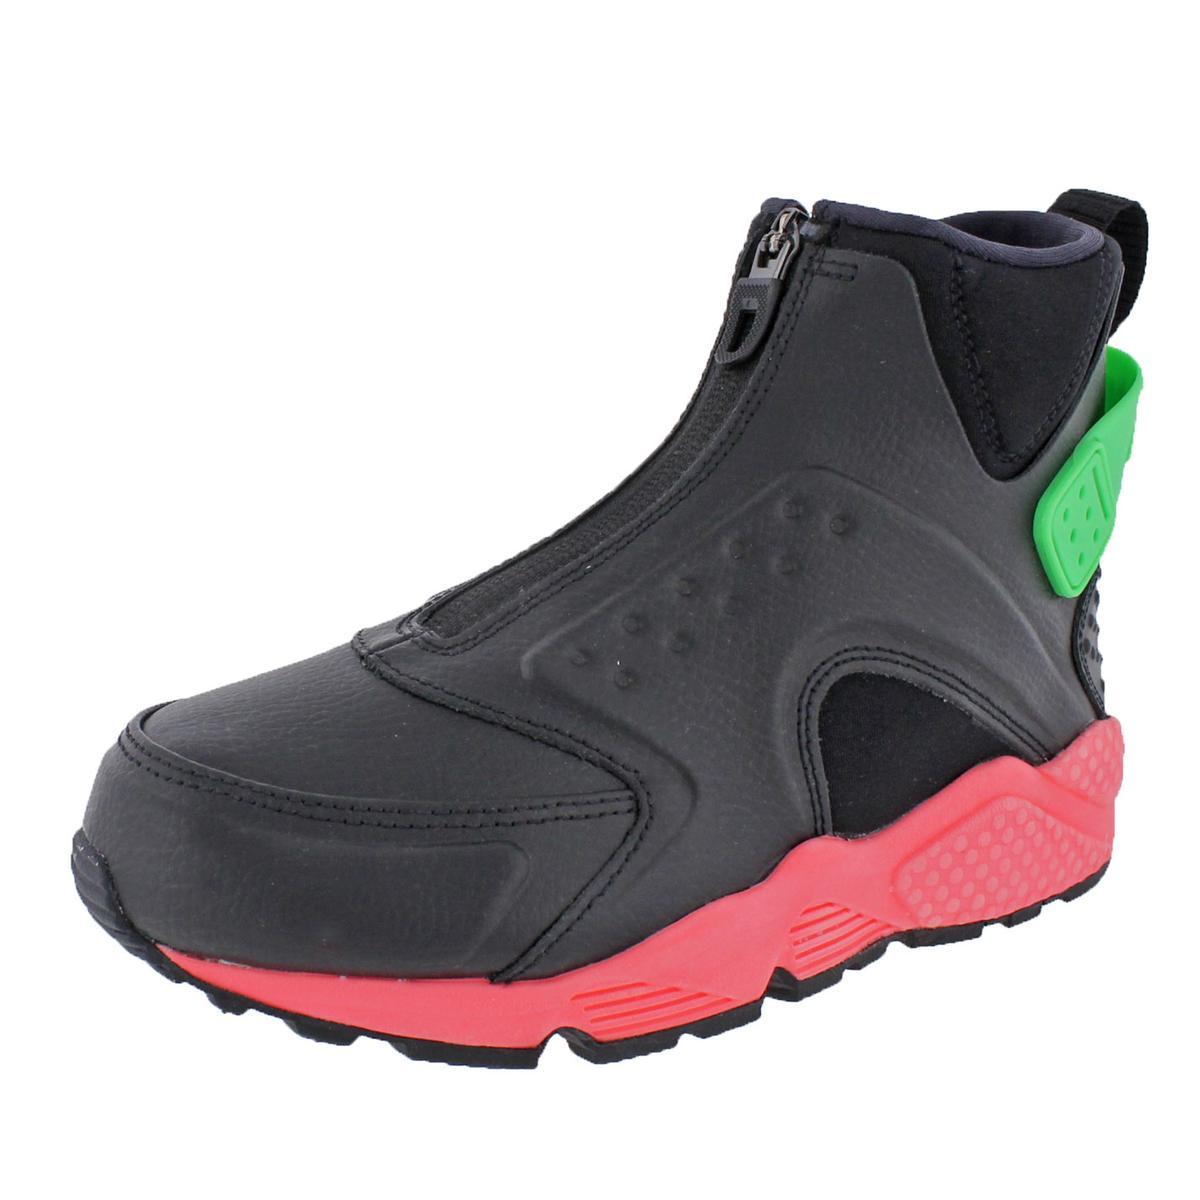 Nike Damenschuhe Air Huarache Run Mid Training High Top Sneakers Schuhes BHFO 2518